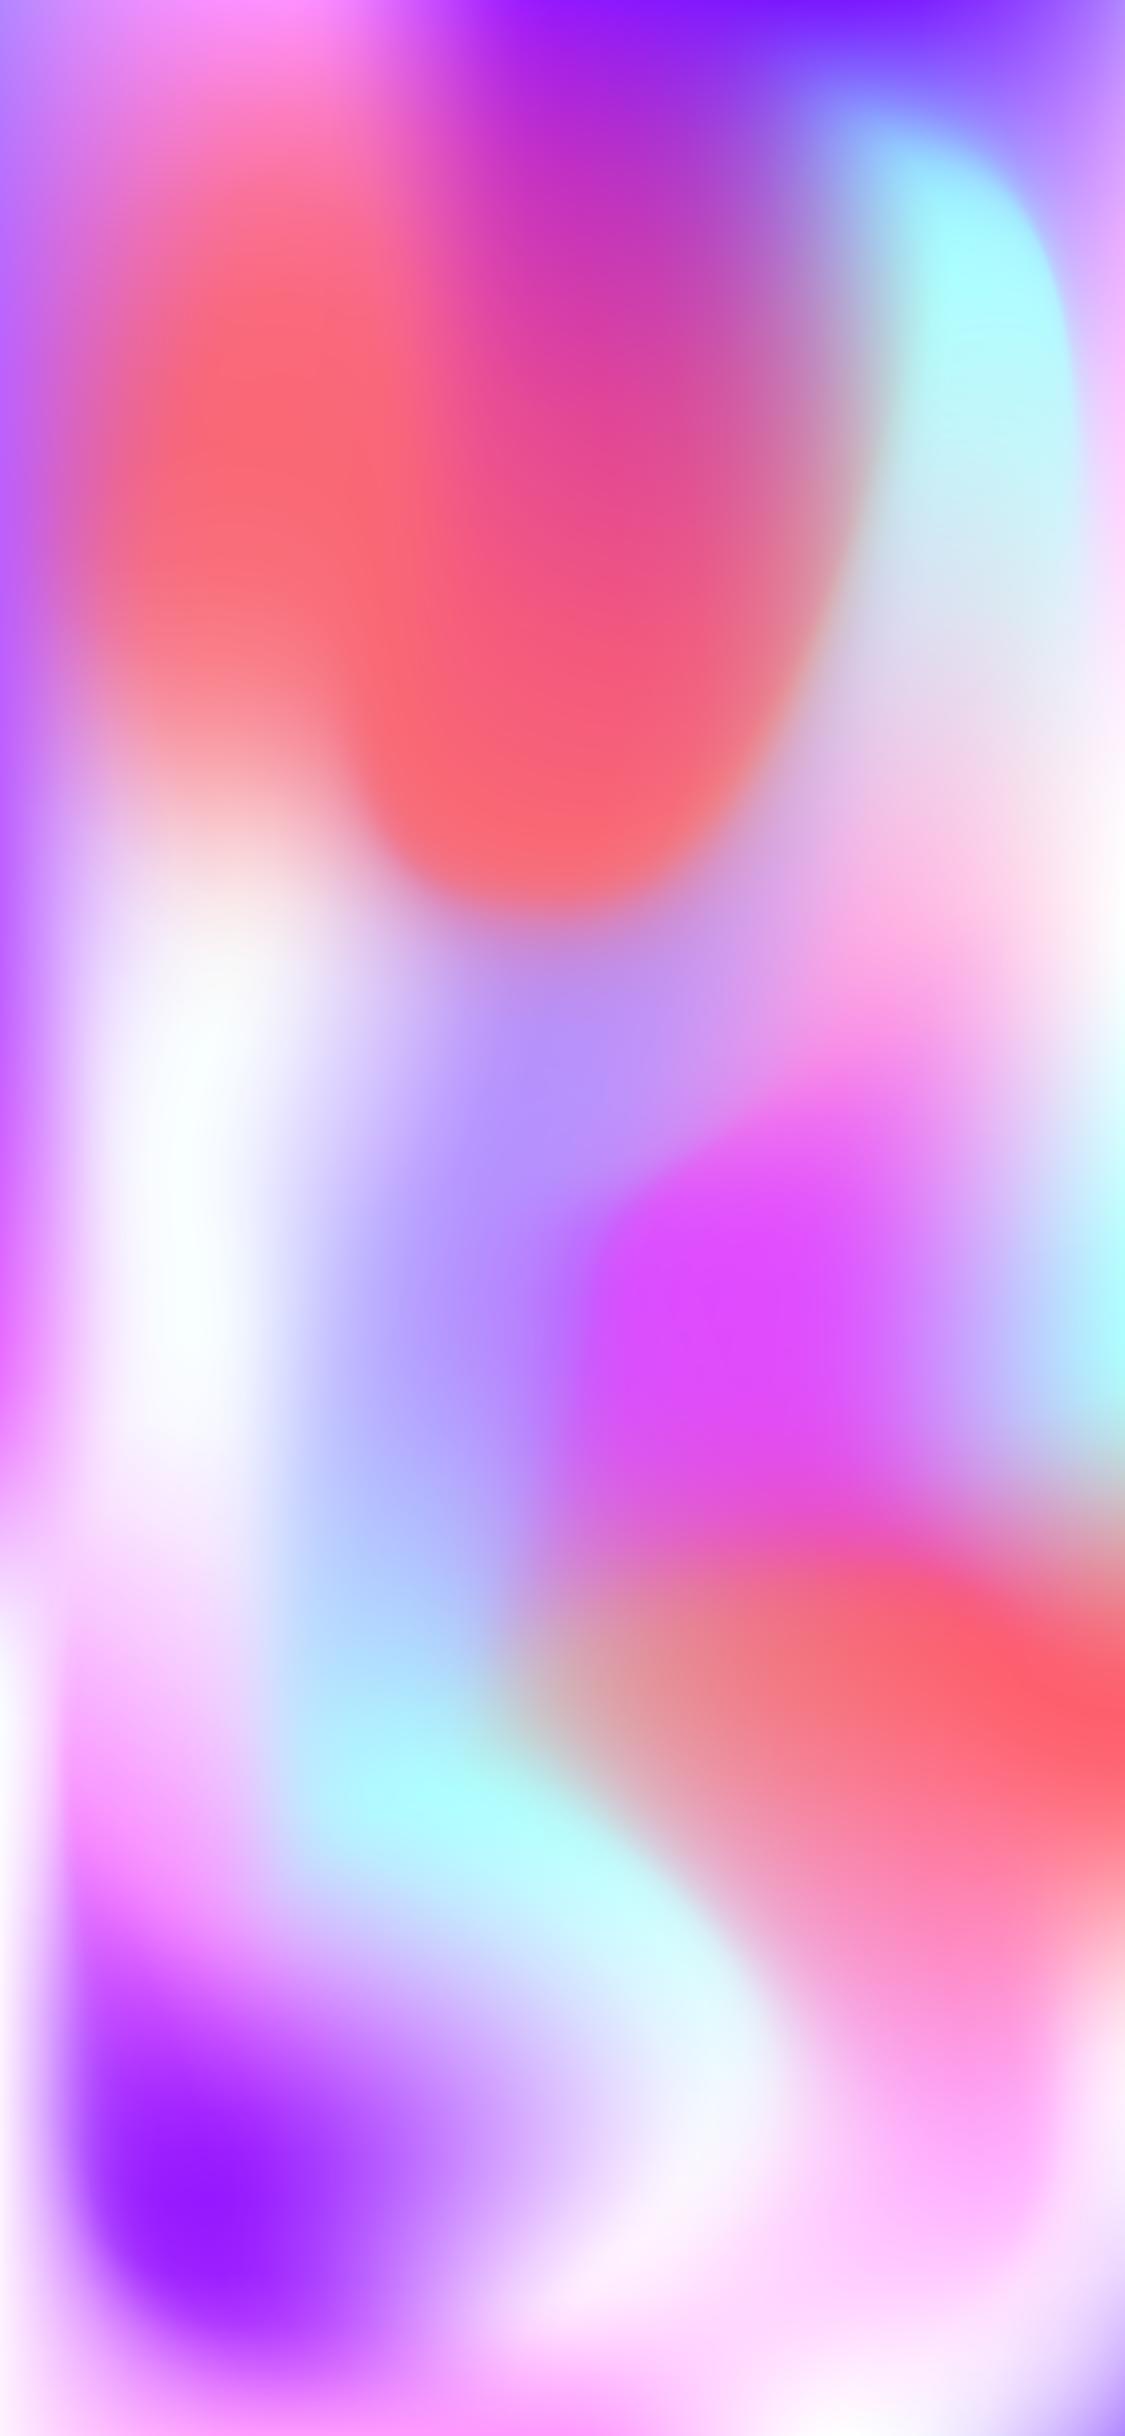 Vivid Colors Iphone Wallpaper Pack 2